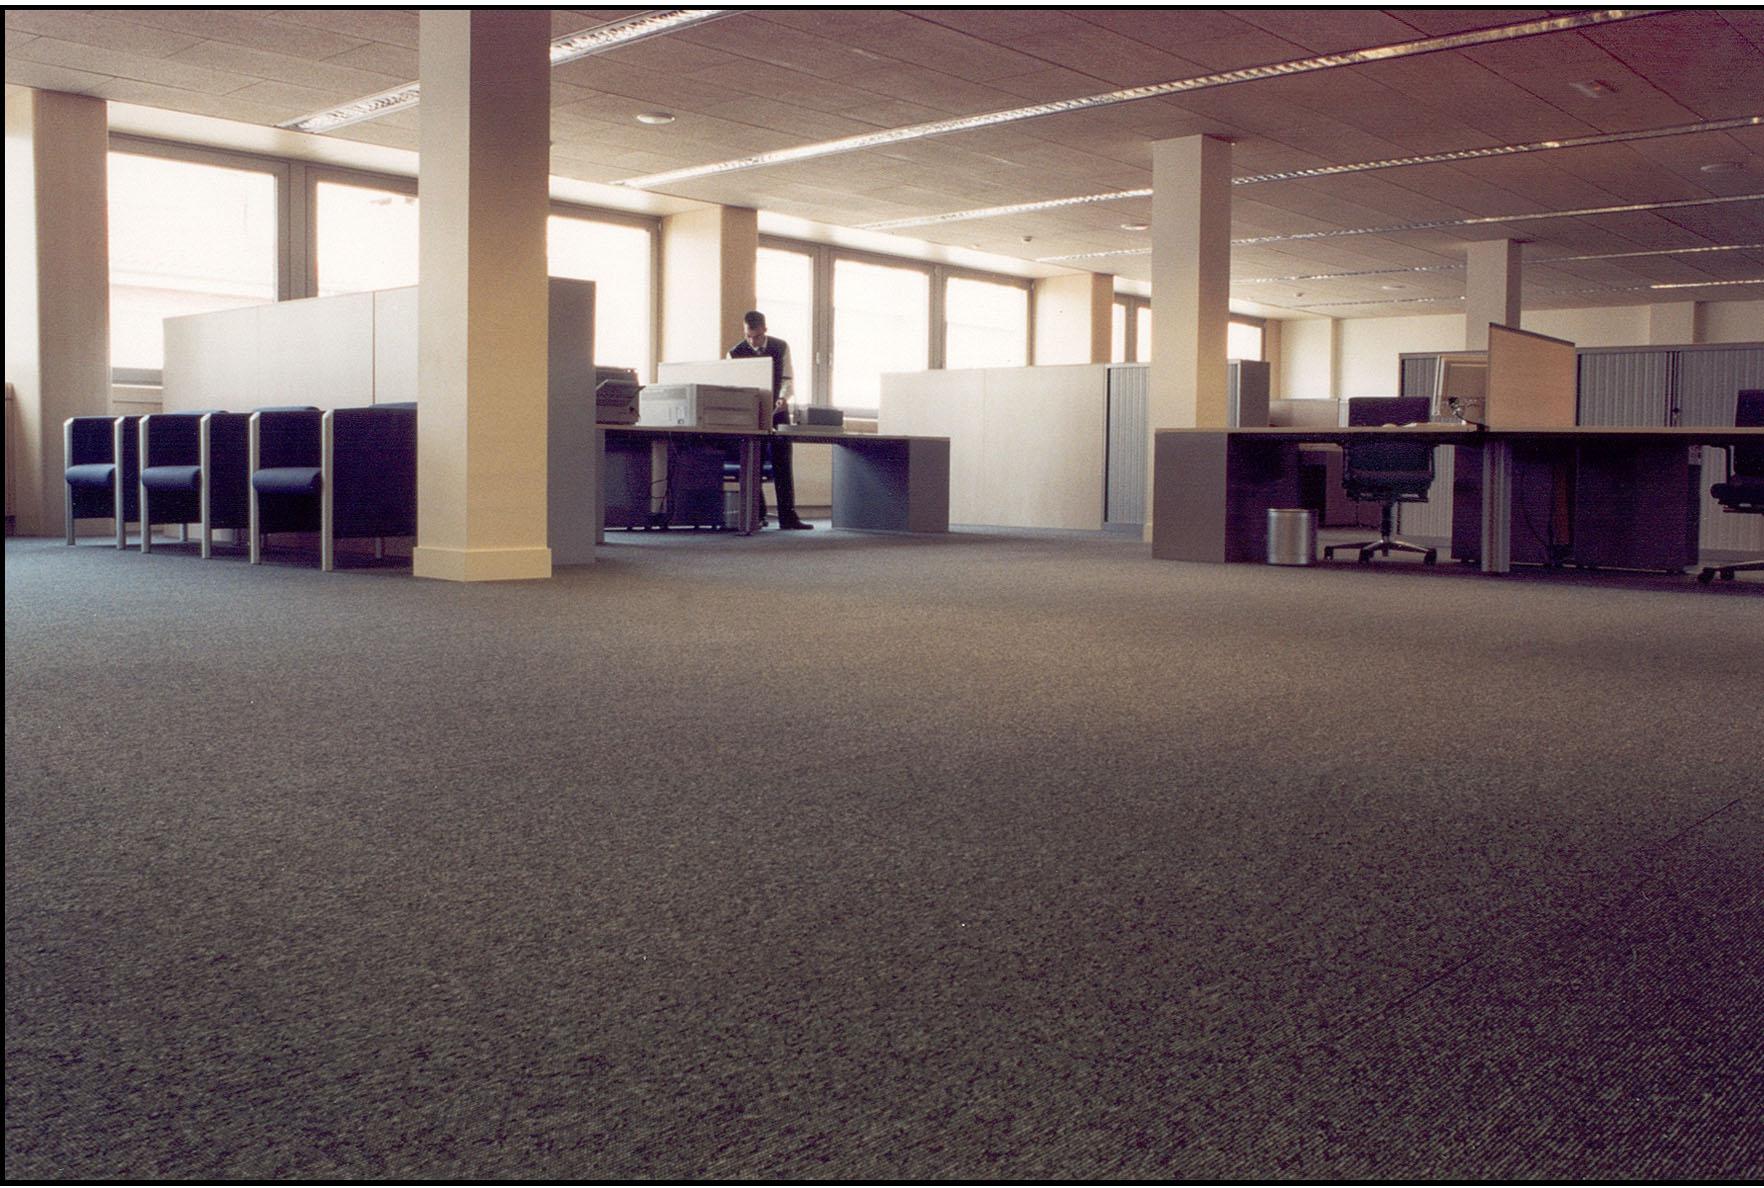 Ufficio A Ore Torino : Uffici in affitto a torino affitto ufficio torino zona san paolo